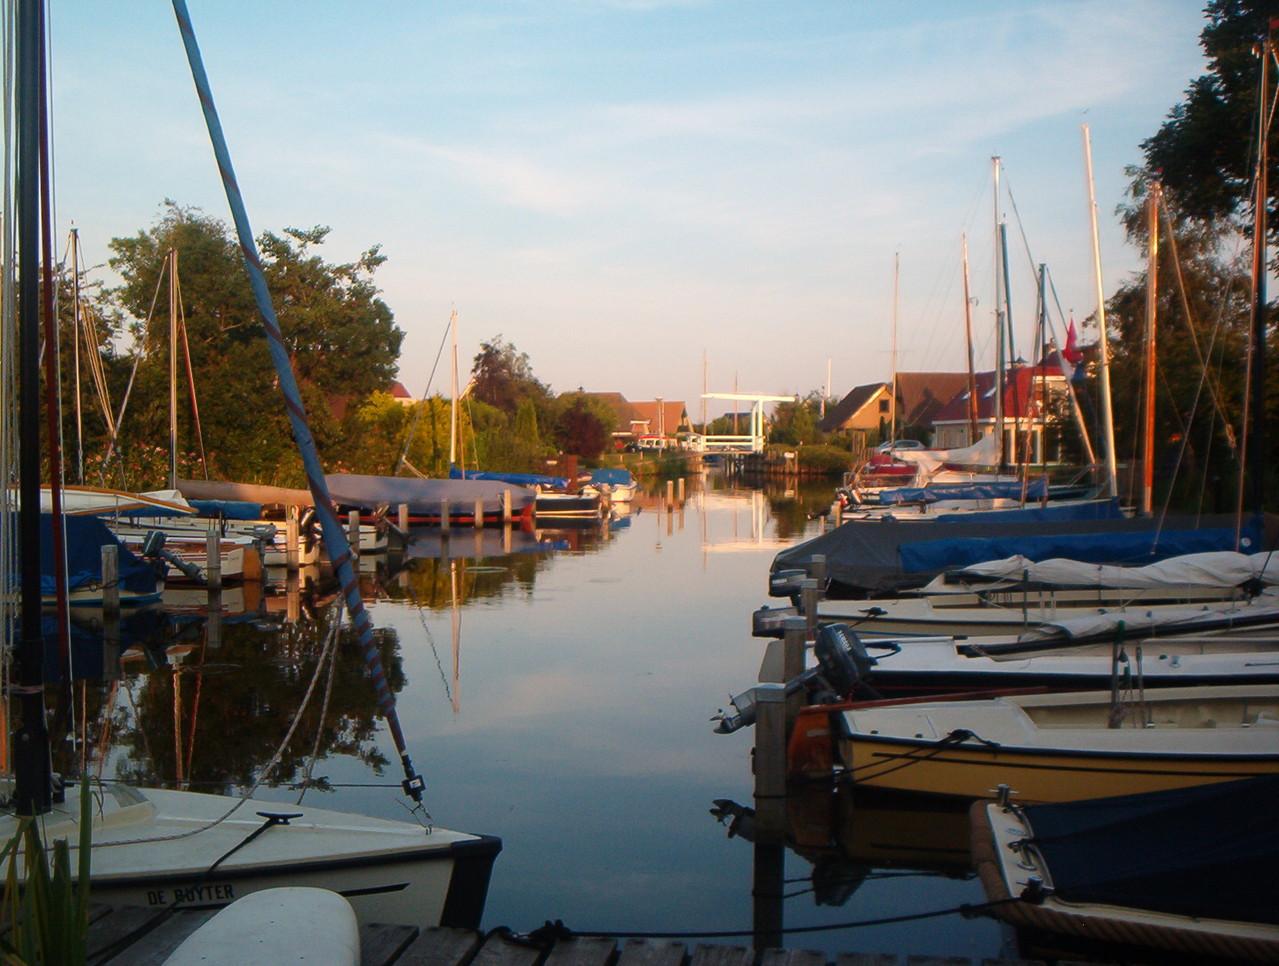 www.bungalowparkgarijp.nl - Privathafen